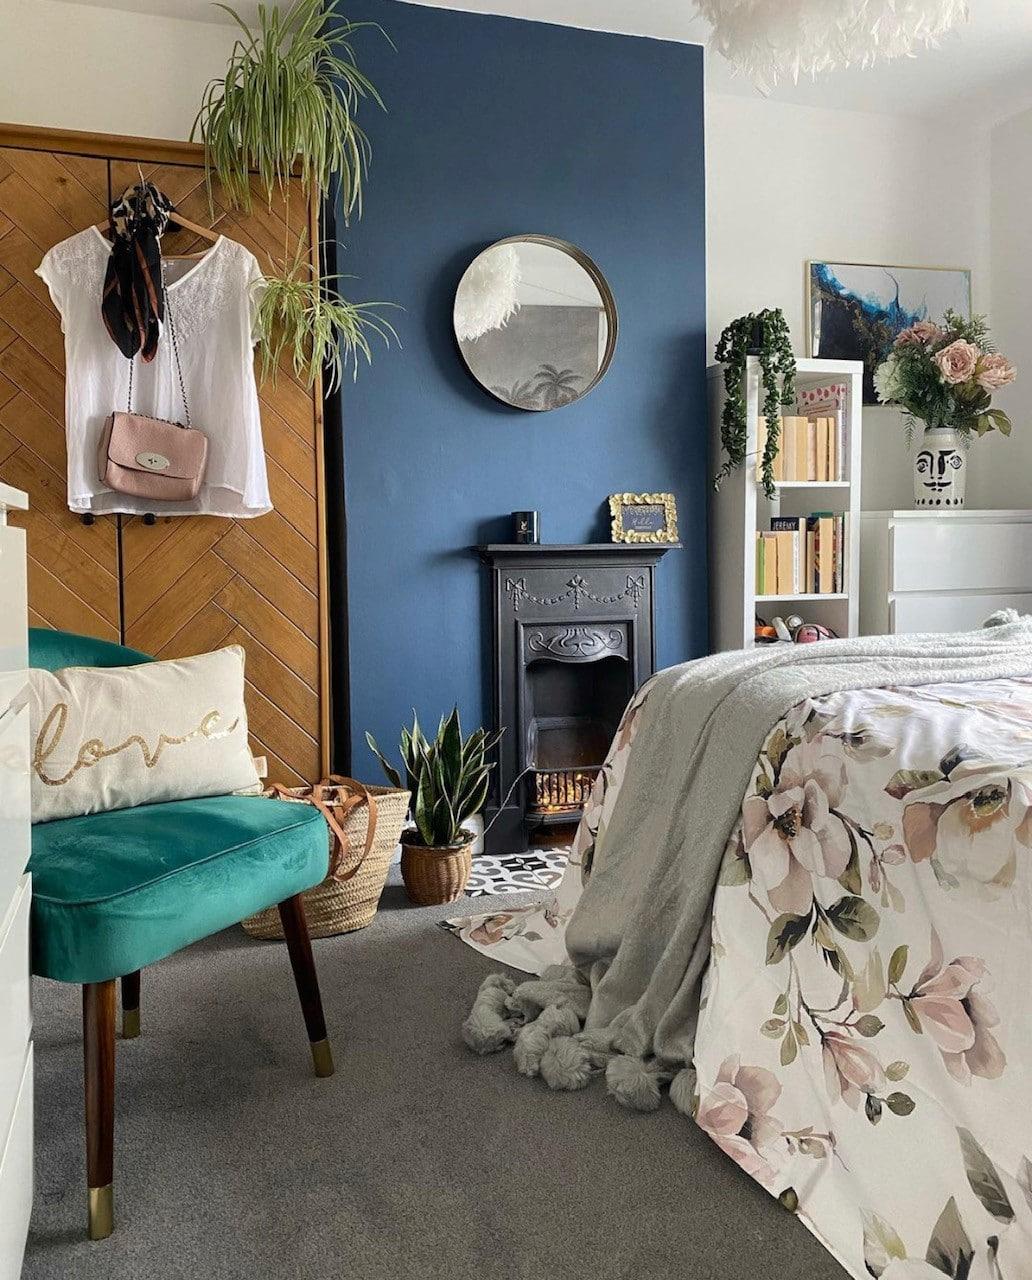 bedroom ideas, bedroom inspiration, master bedroom